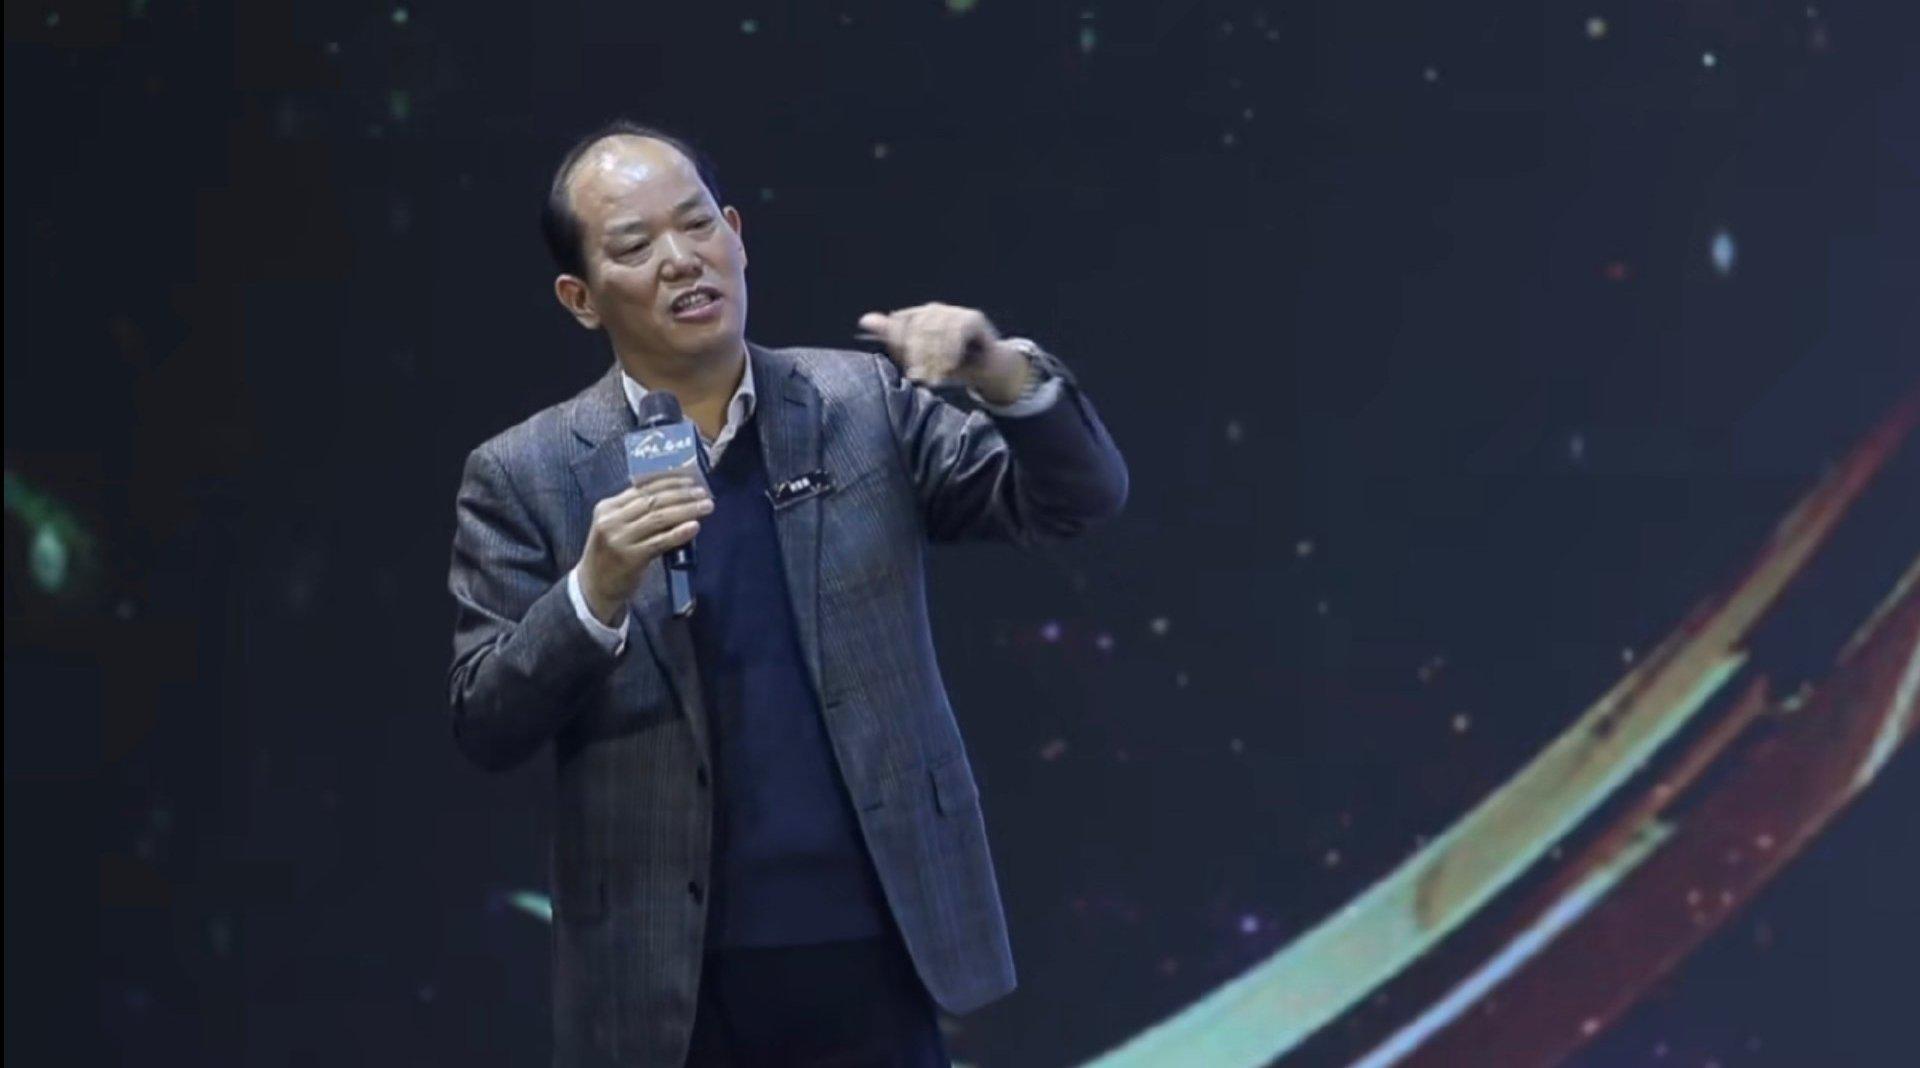 国家信息中心经济预测部首席经济师祝宝良:中国进入中等偏上接近……